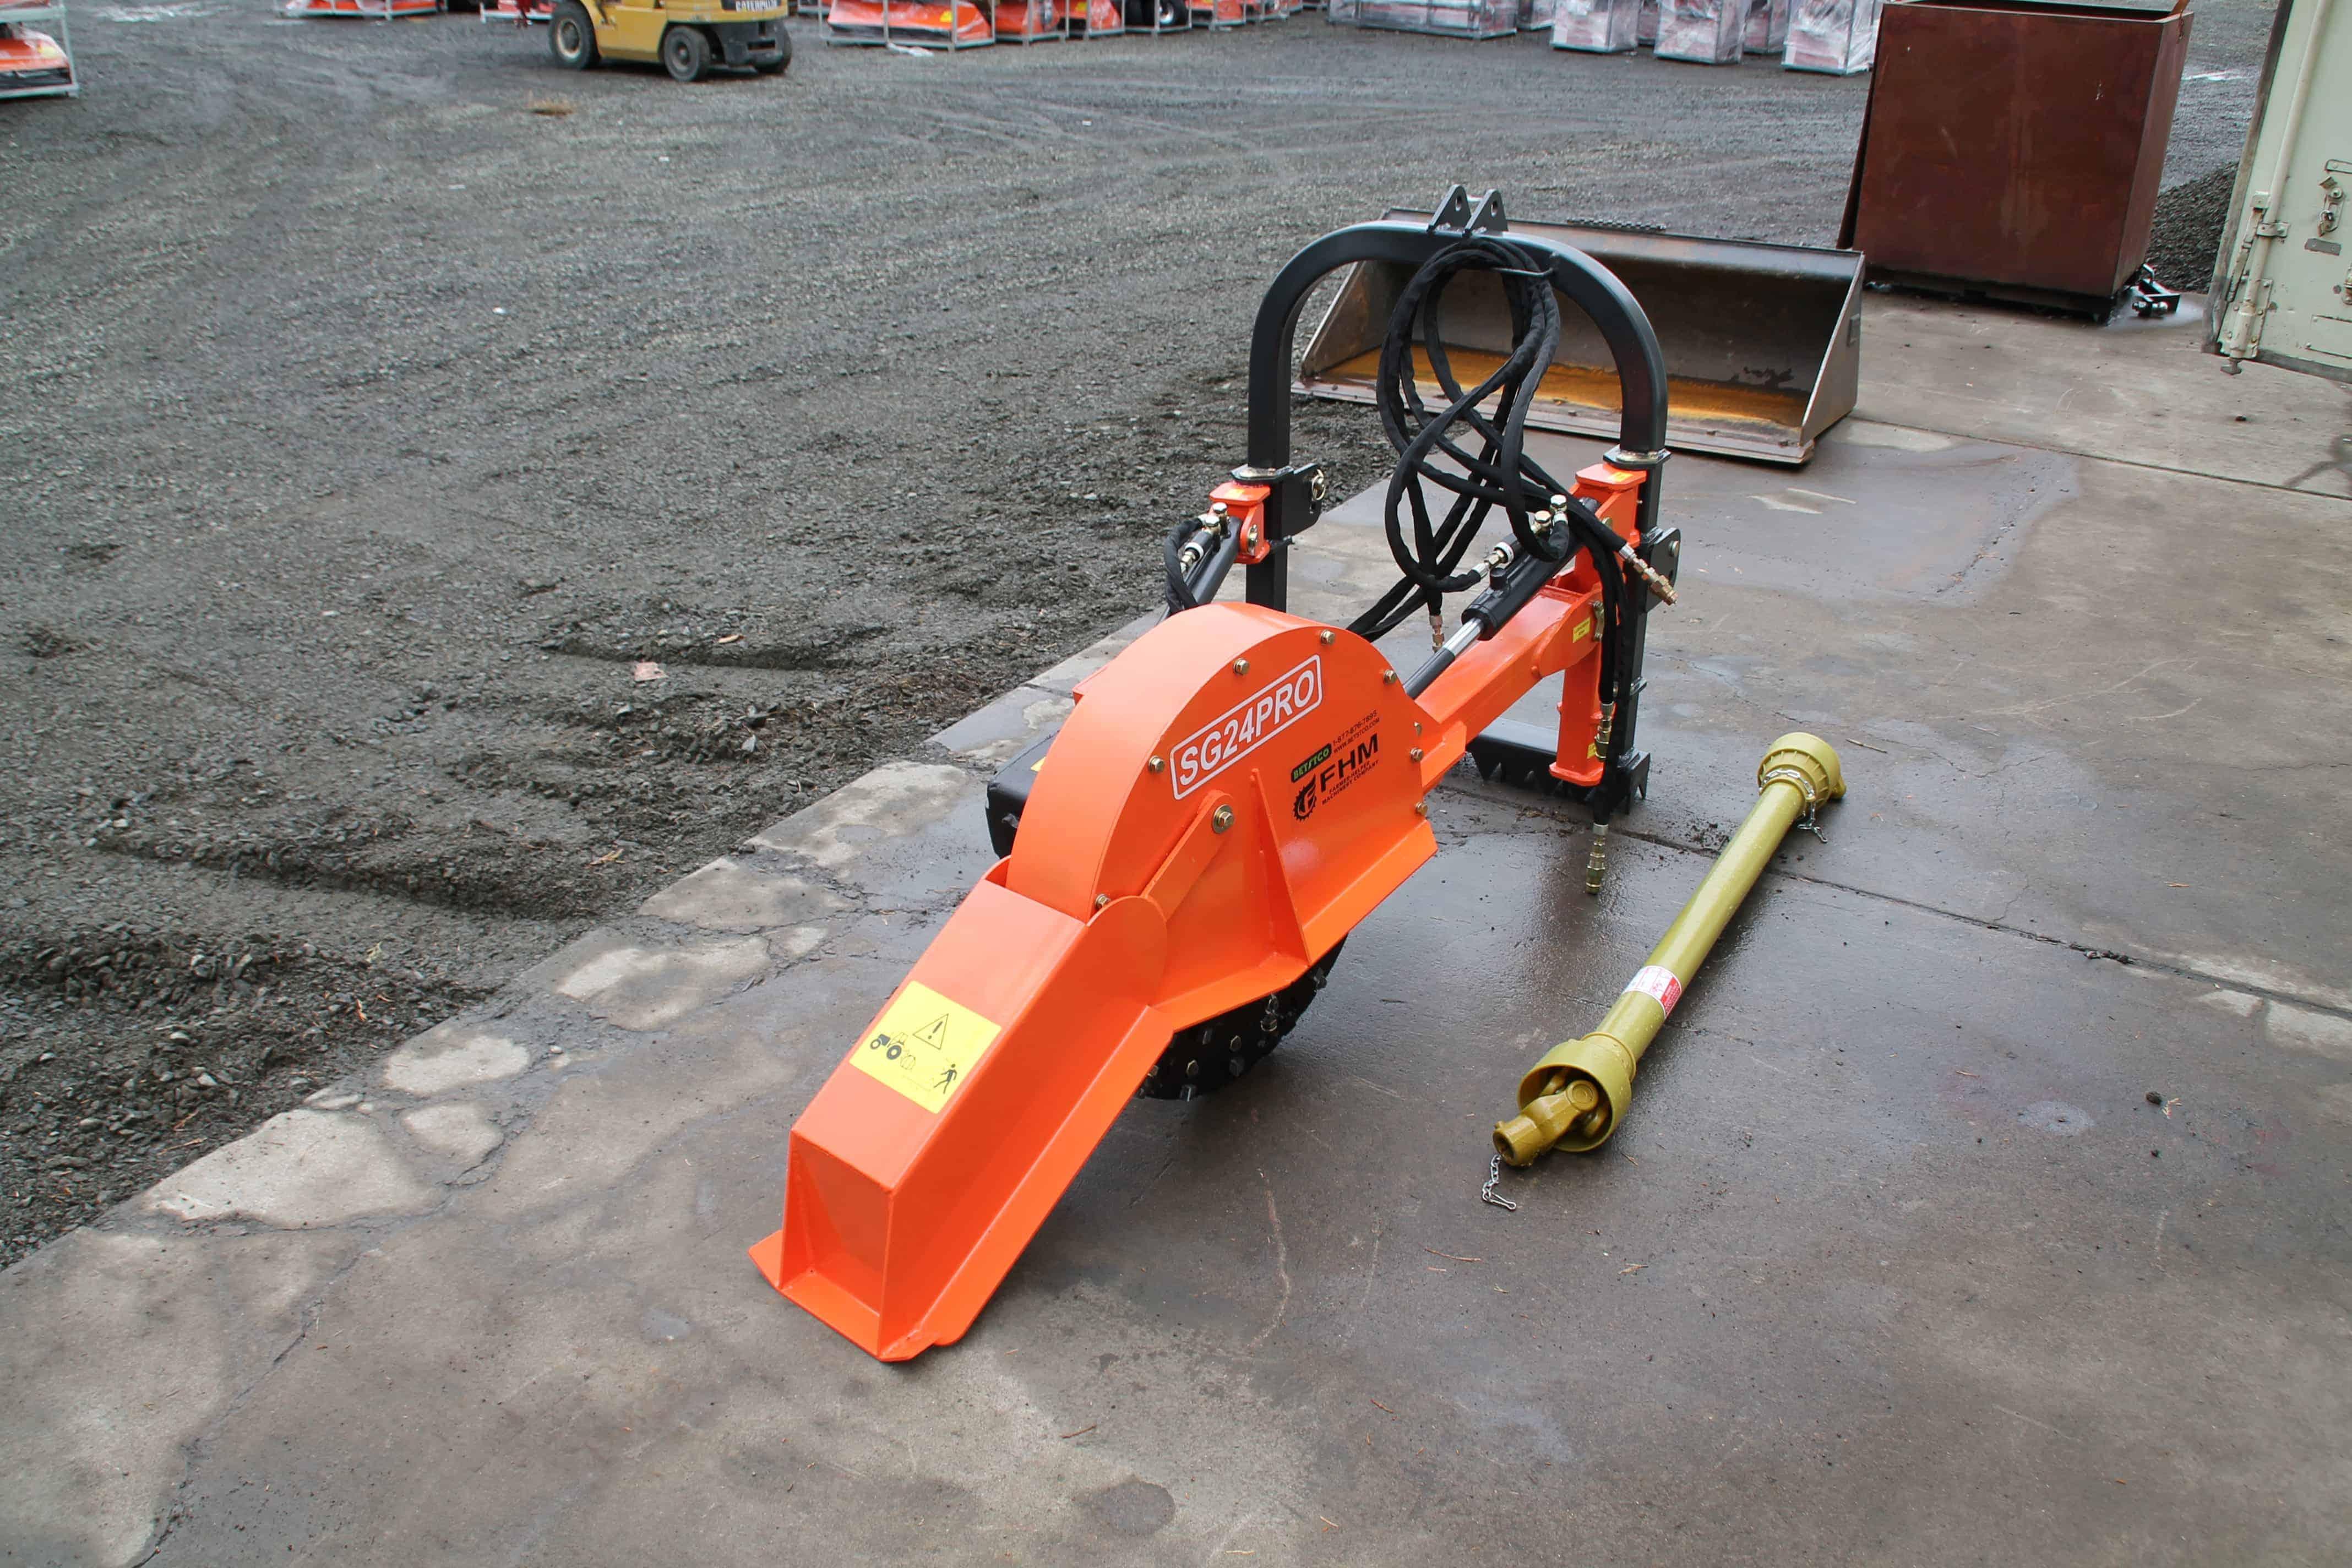 3 Point Stump Grinder >> 2-Way Hydraulic Stump Grinder, FH-SG24-PRO